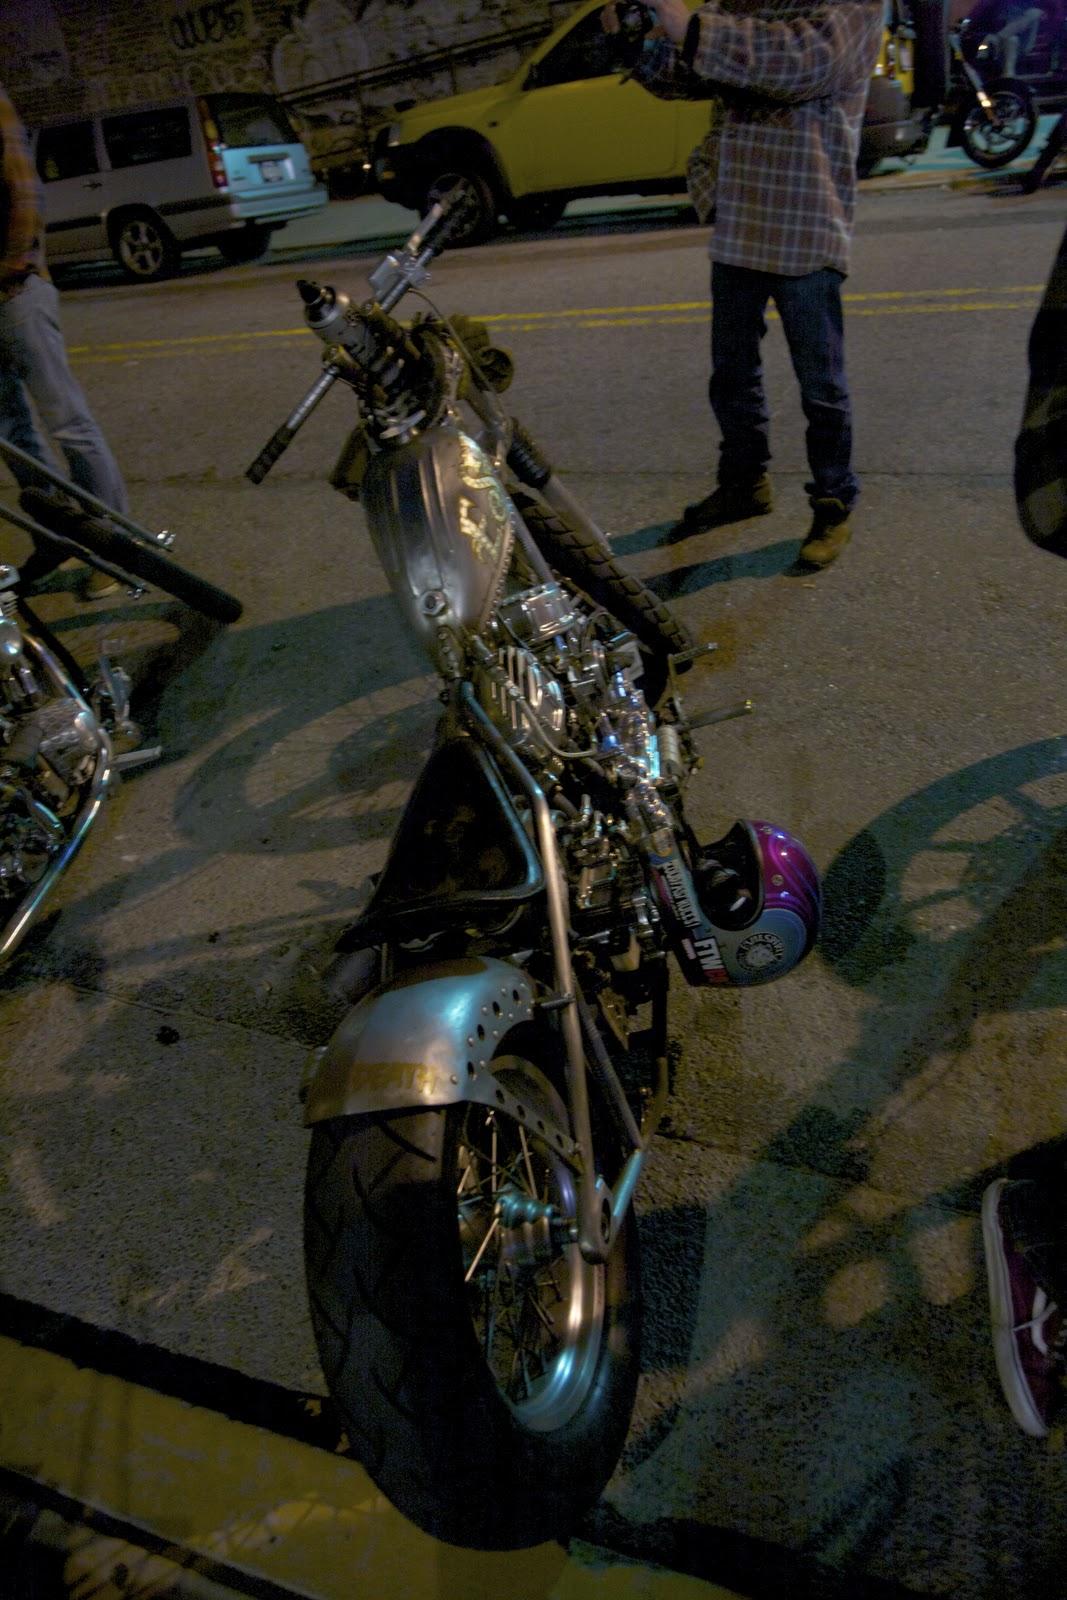 Le donne bikers a righe Esercito Militare Doppio Strato Classica Giacca Bomber PREMIUM